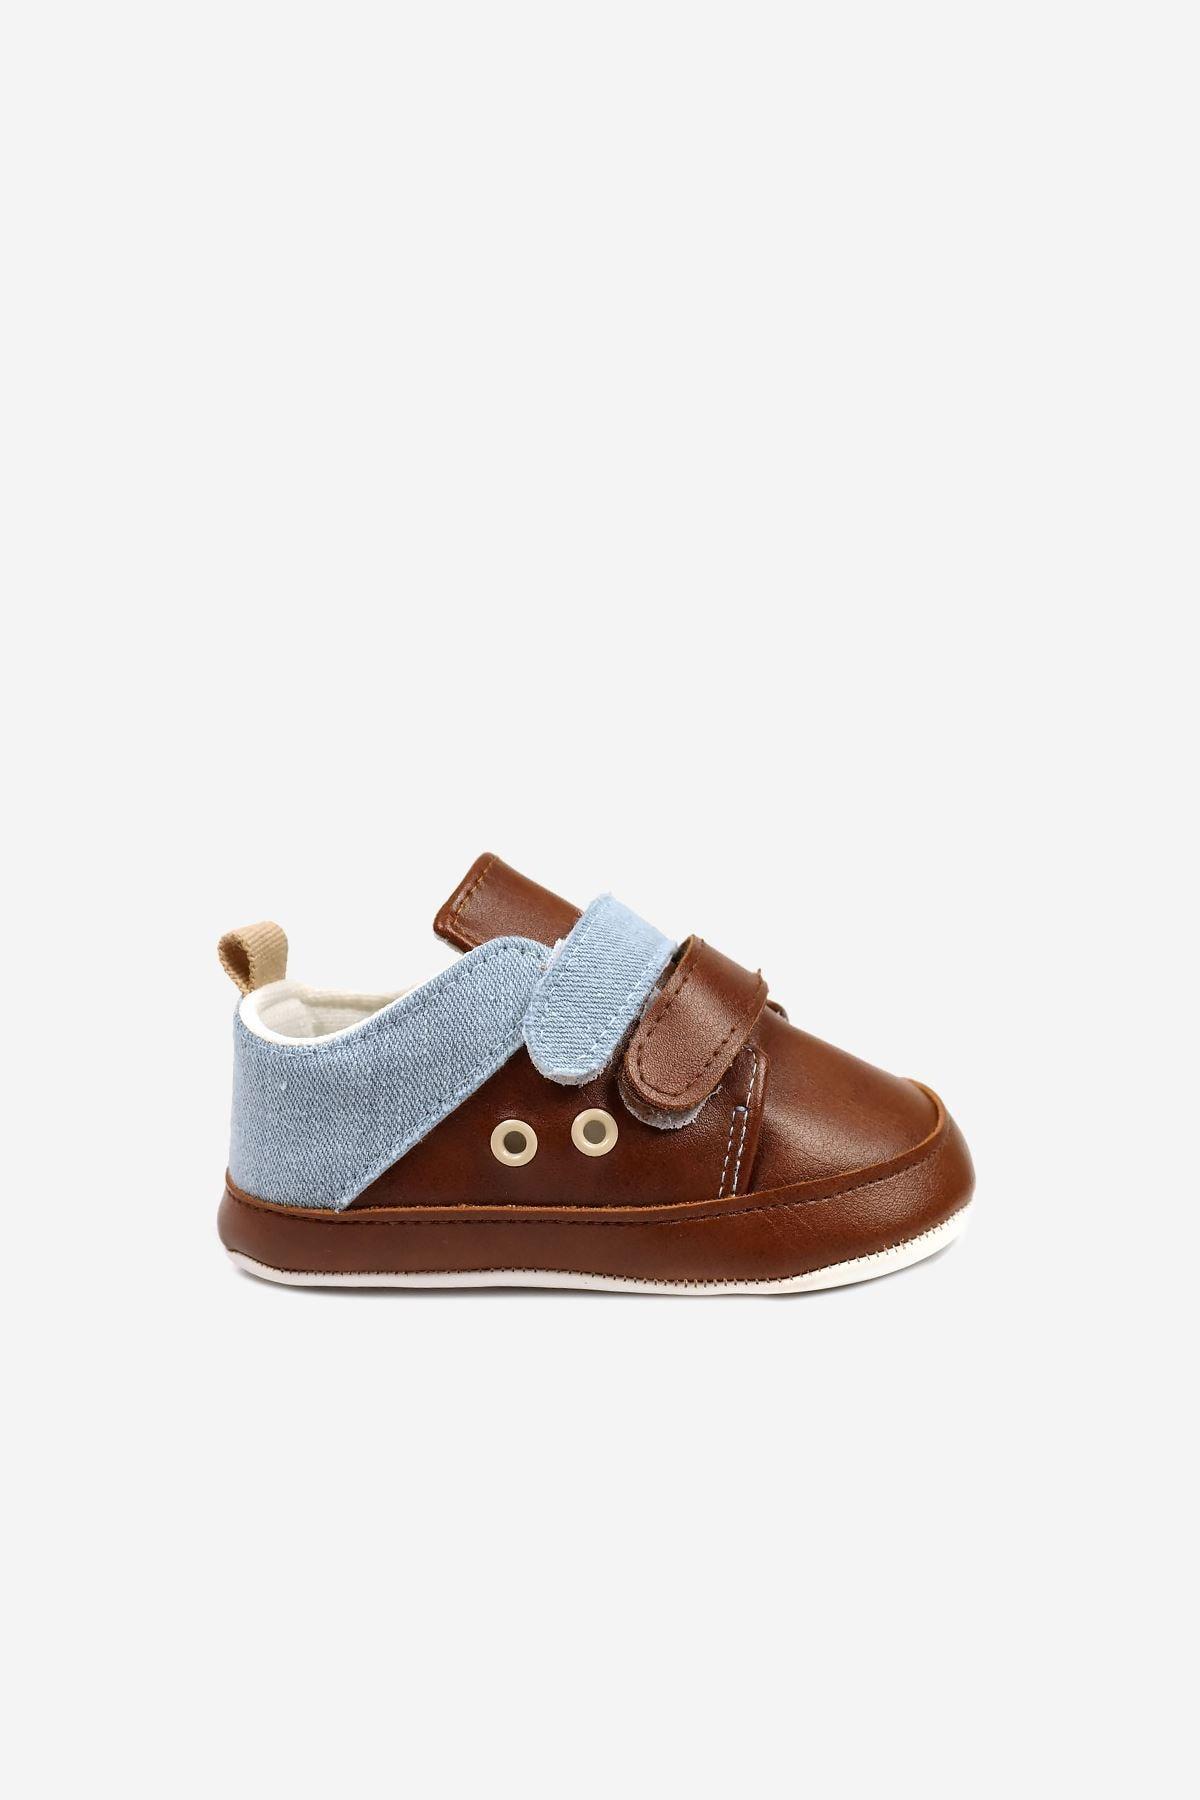 Funny Baby Çift Cırtlı Bebek Ayakkabısı 2